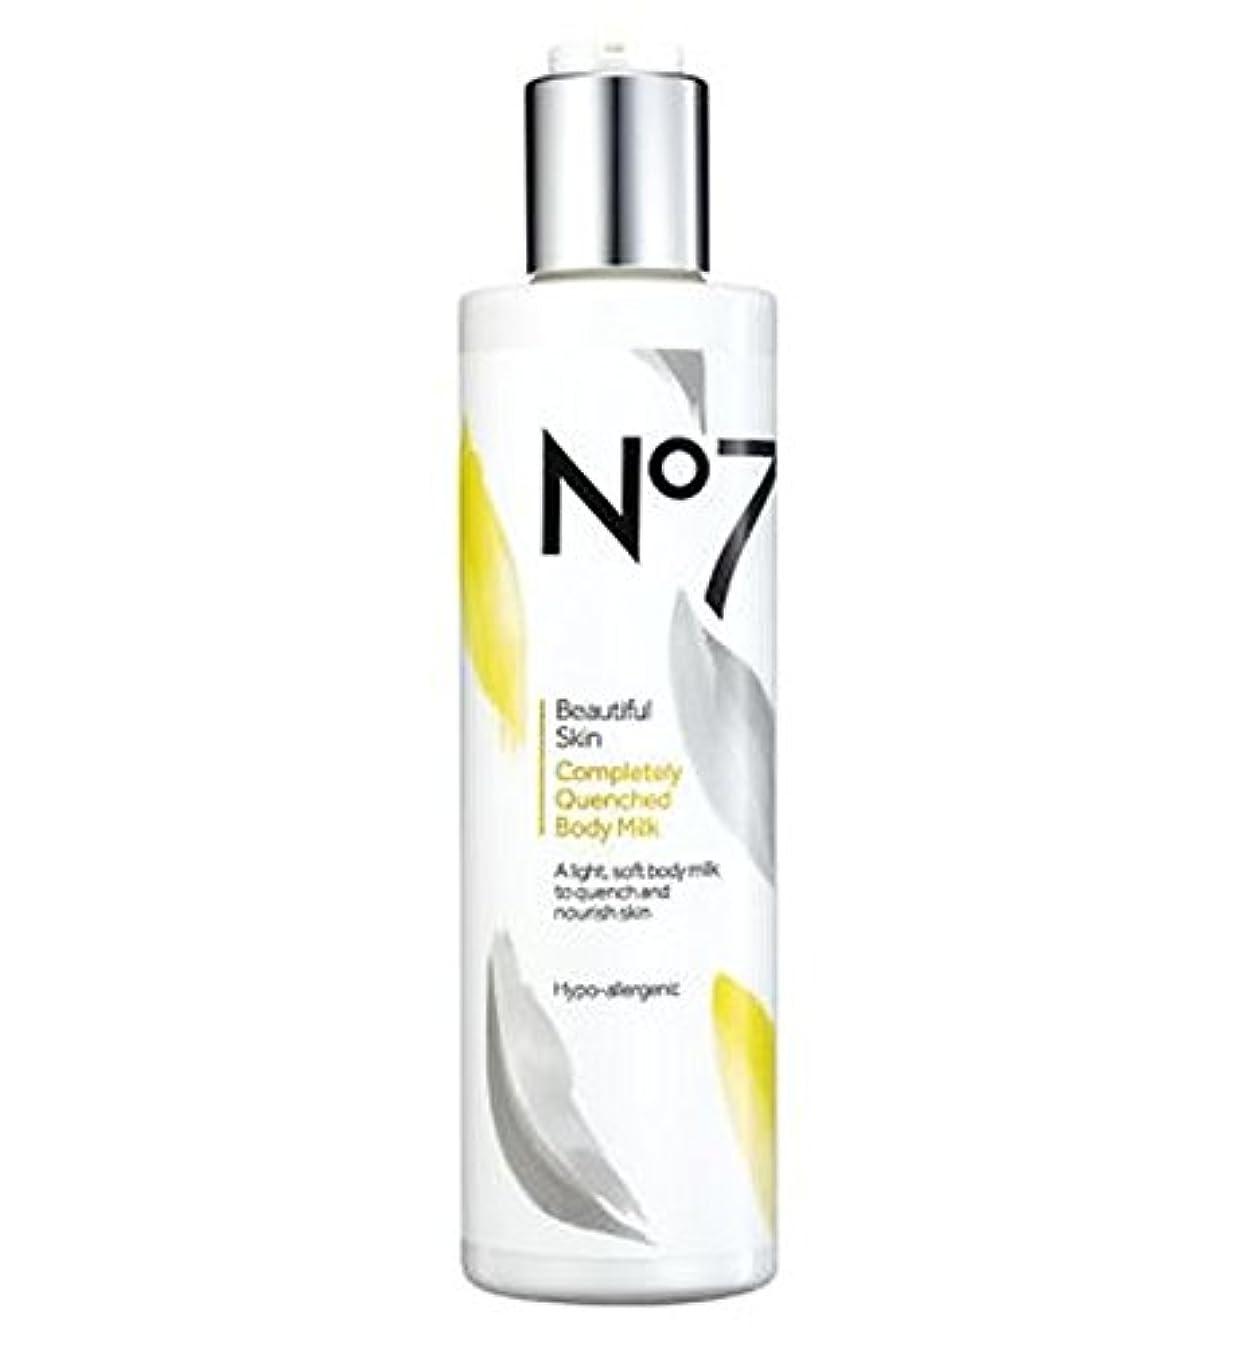 だらしないカッター戸惑うNo7 Beautiful Skin Completely Quenched Body Milk - No7美しい肌完全に急冷ボディミルク (No7) [並行輸入品]